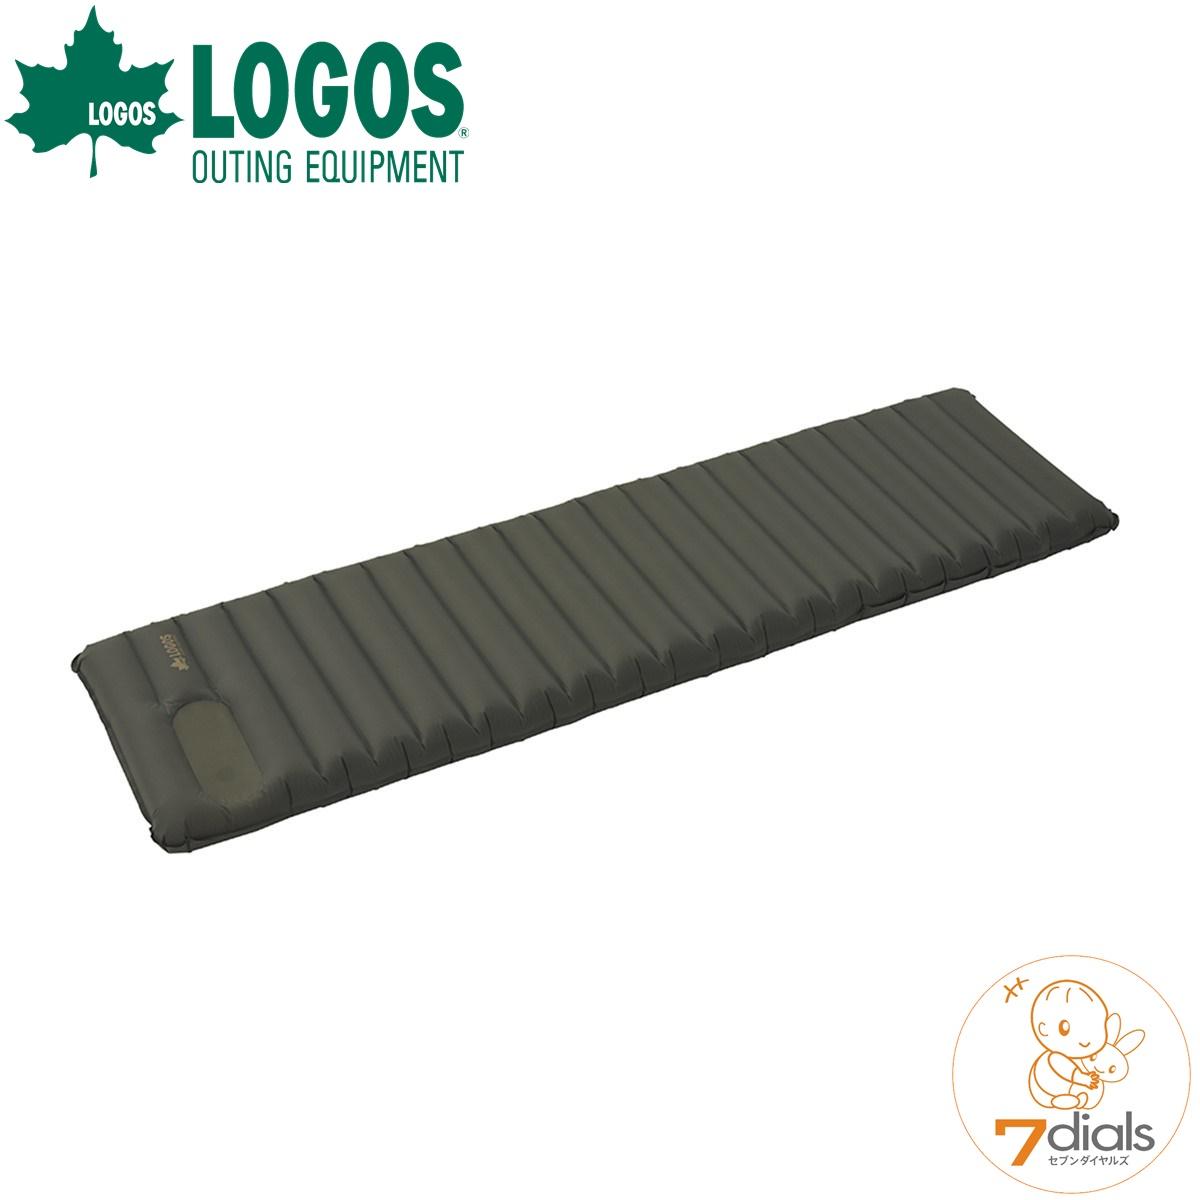 LOGOS/ロゴス エアライトマット(ポンプ内蔵)マット内にポンプが内蔵されているので、足で踏んで空気を入れるだけ【送料無料】